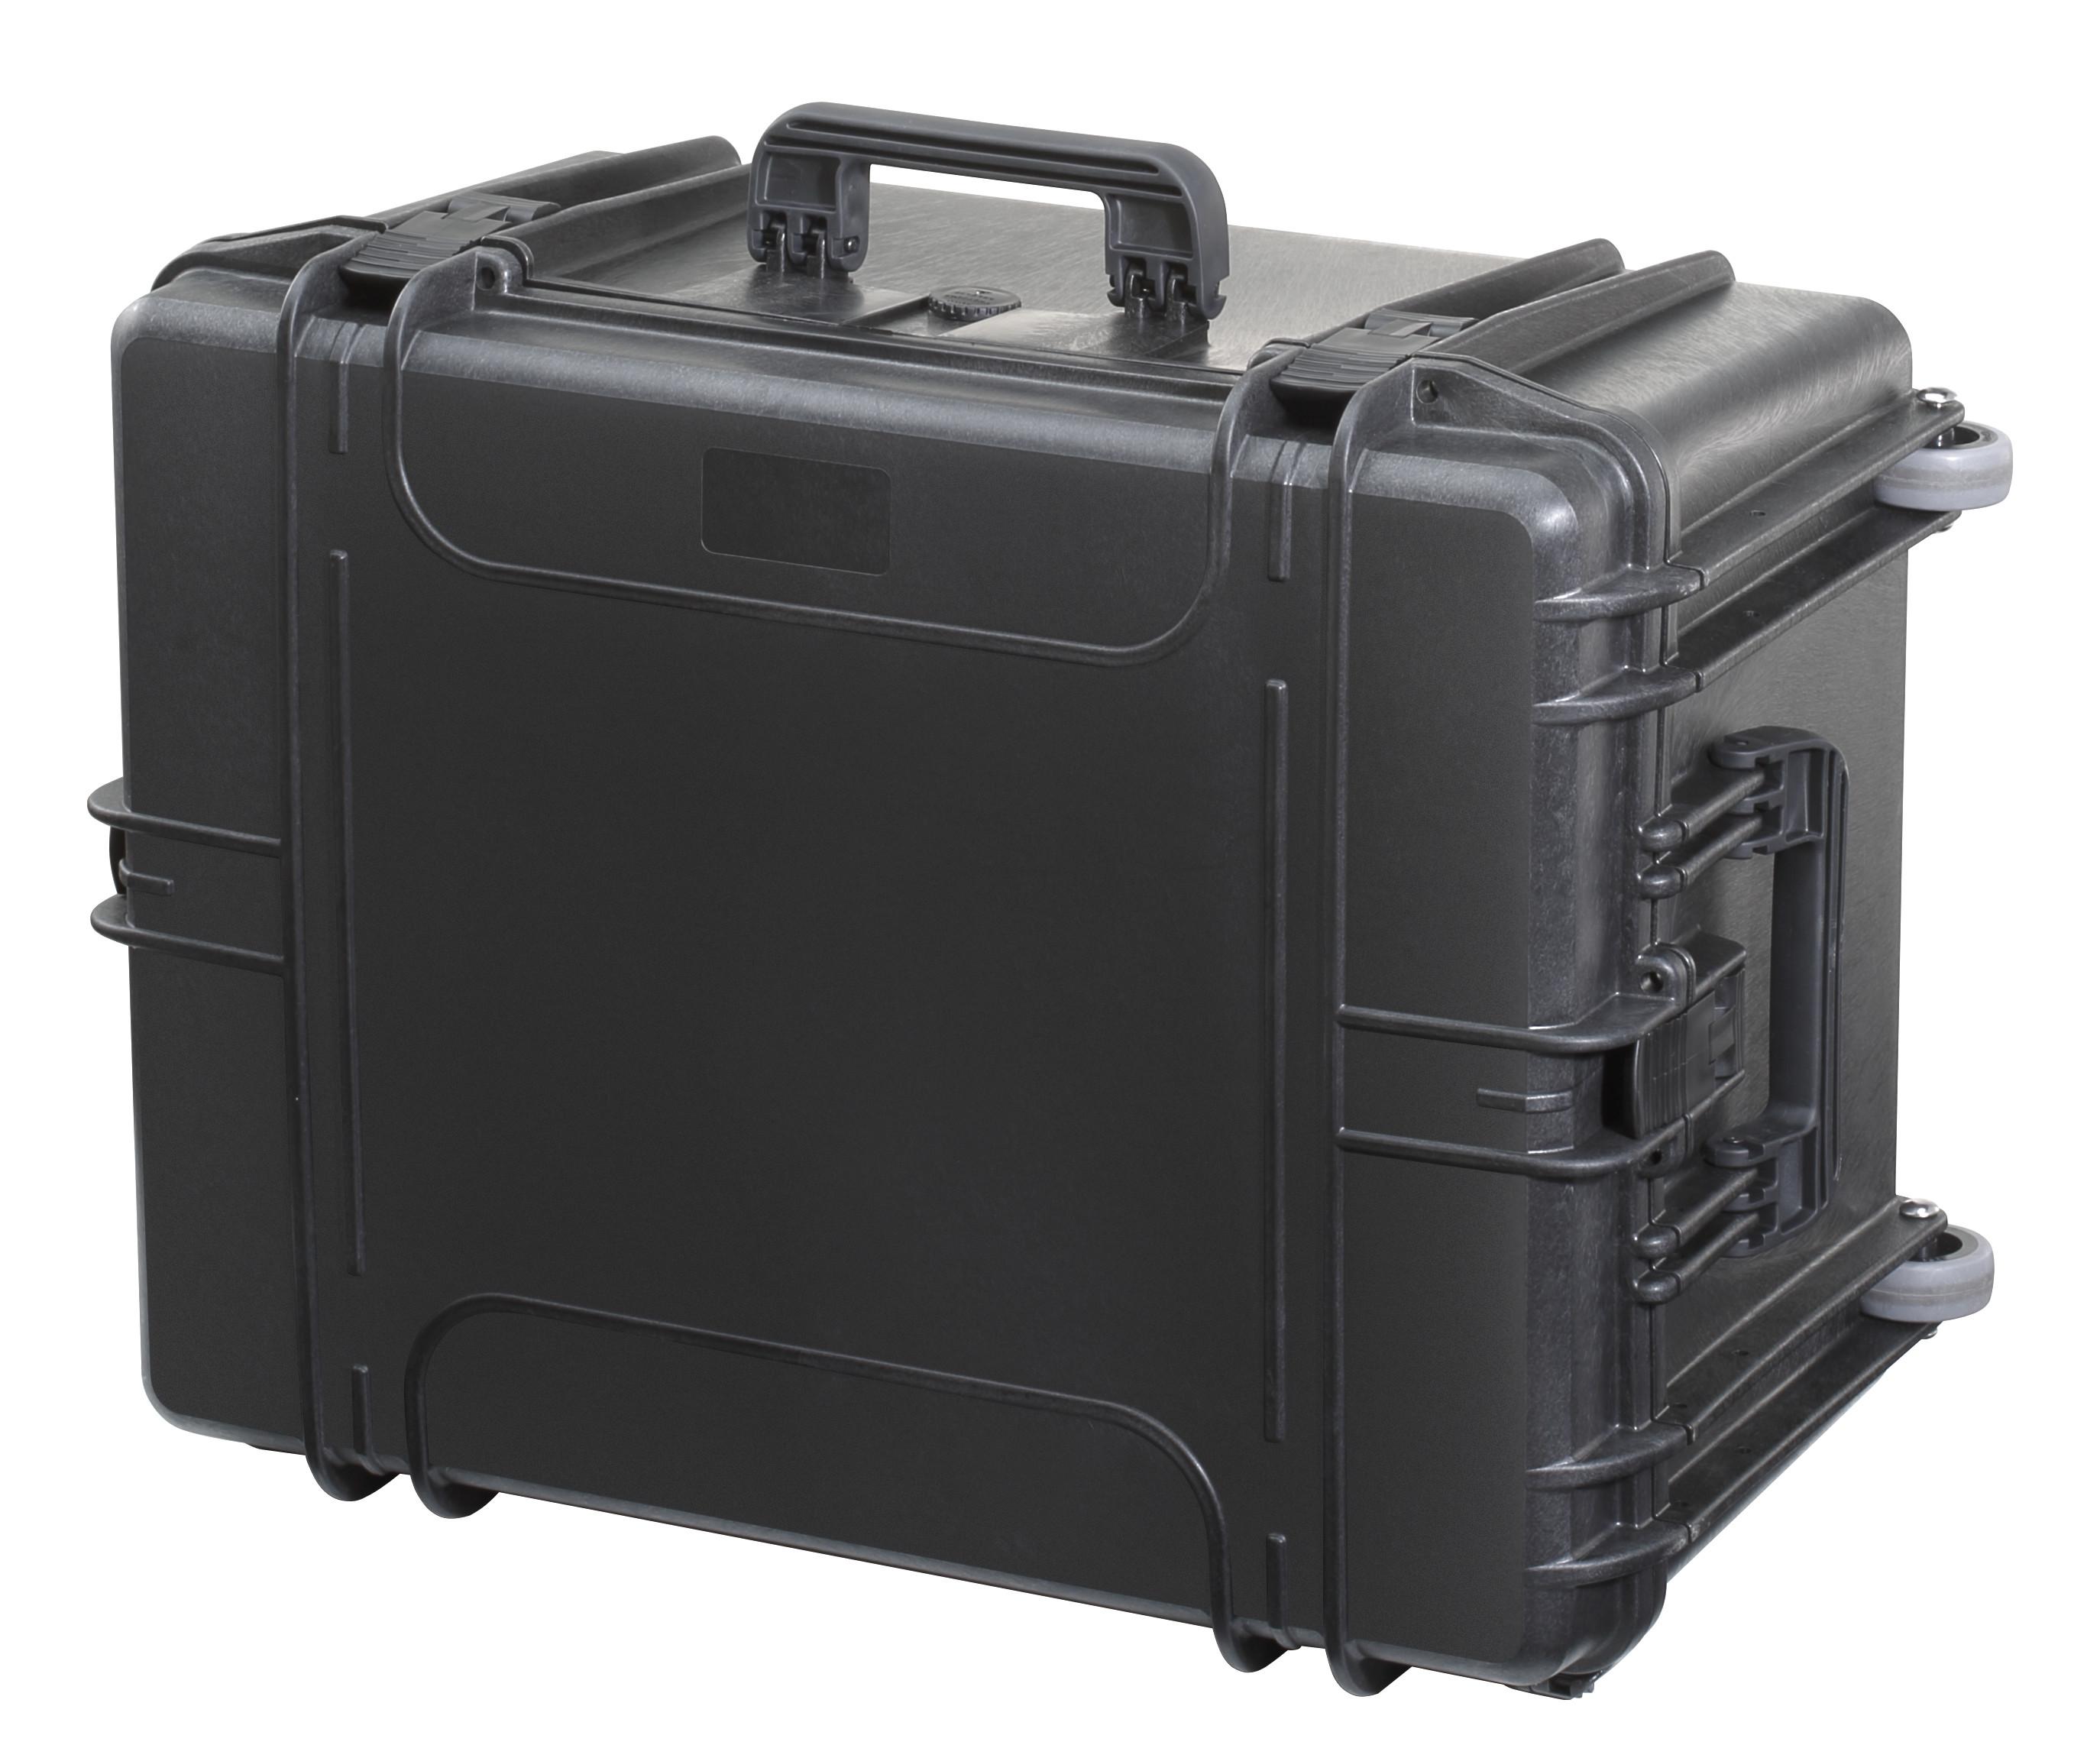 tectra eco 620h mit trolley schwarz schaumstoff embags onlineshop aluminiumkoffer und. Black Bedroom Furniture Sets. Home Design Ideas